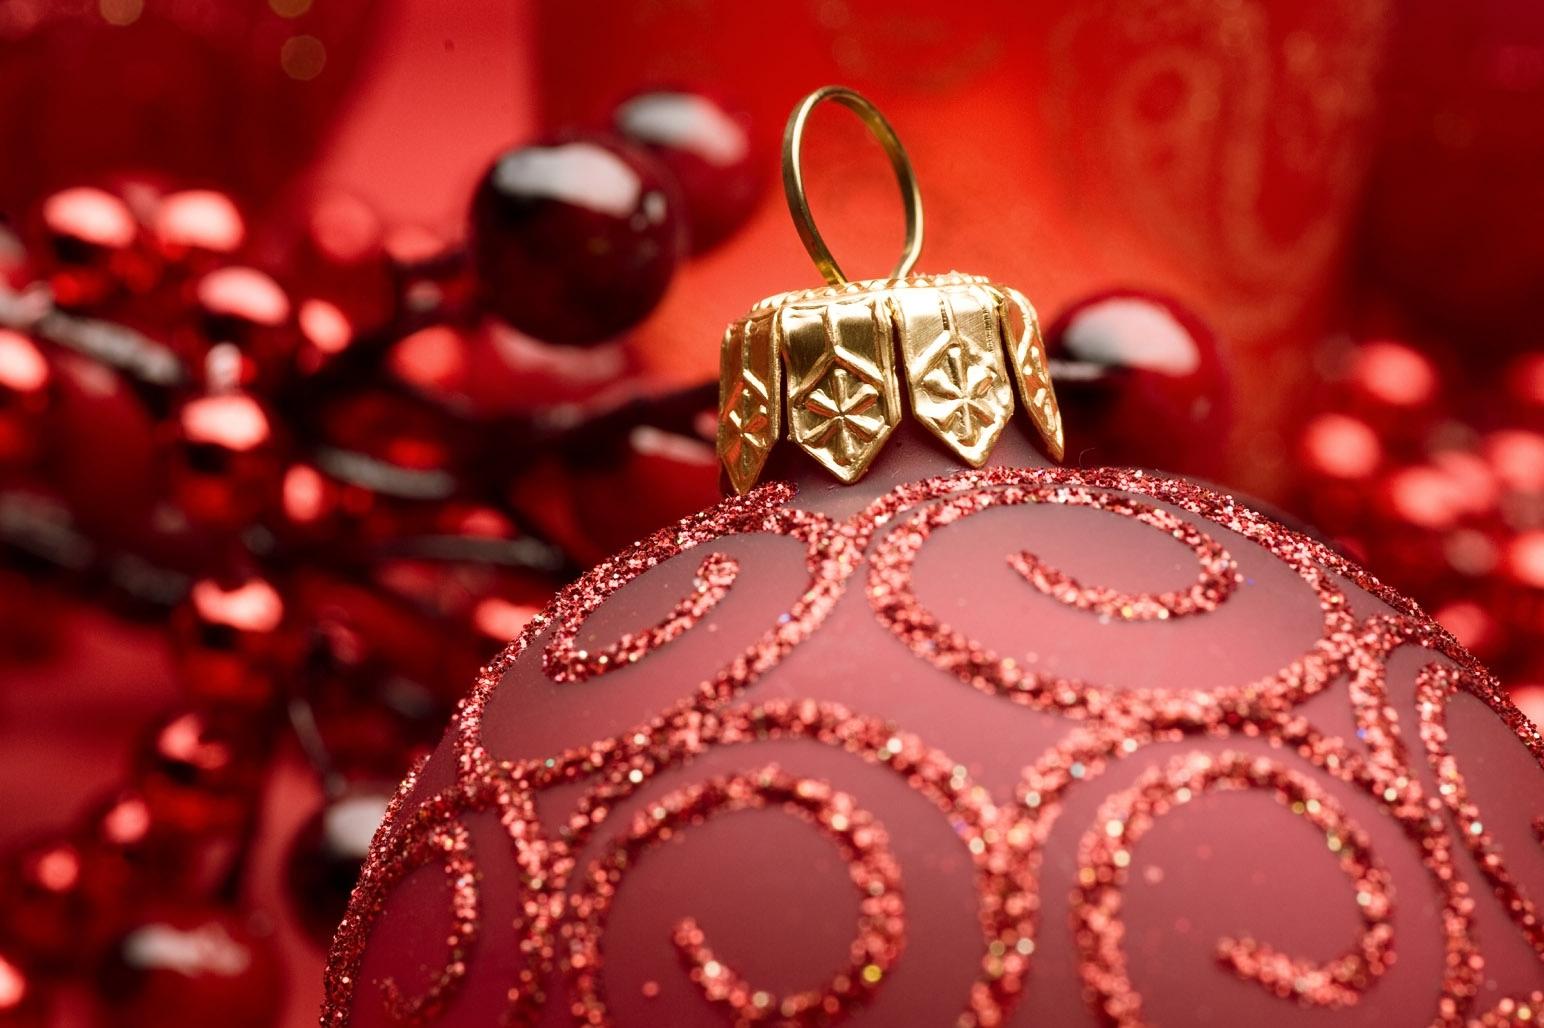 """Auguri di Buon Natale e Felice Anno Nuovo dall'Associazione di Volontariato """"Monreal Soccorso"""""""